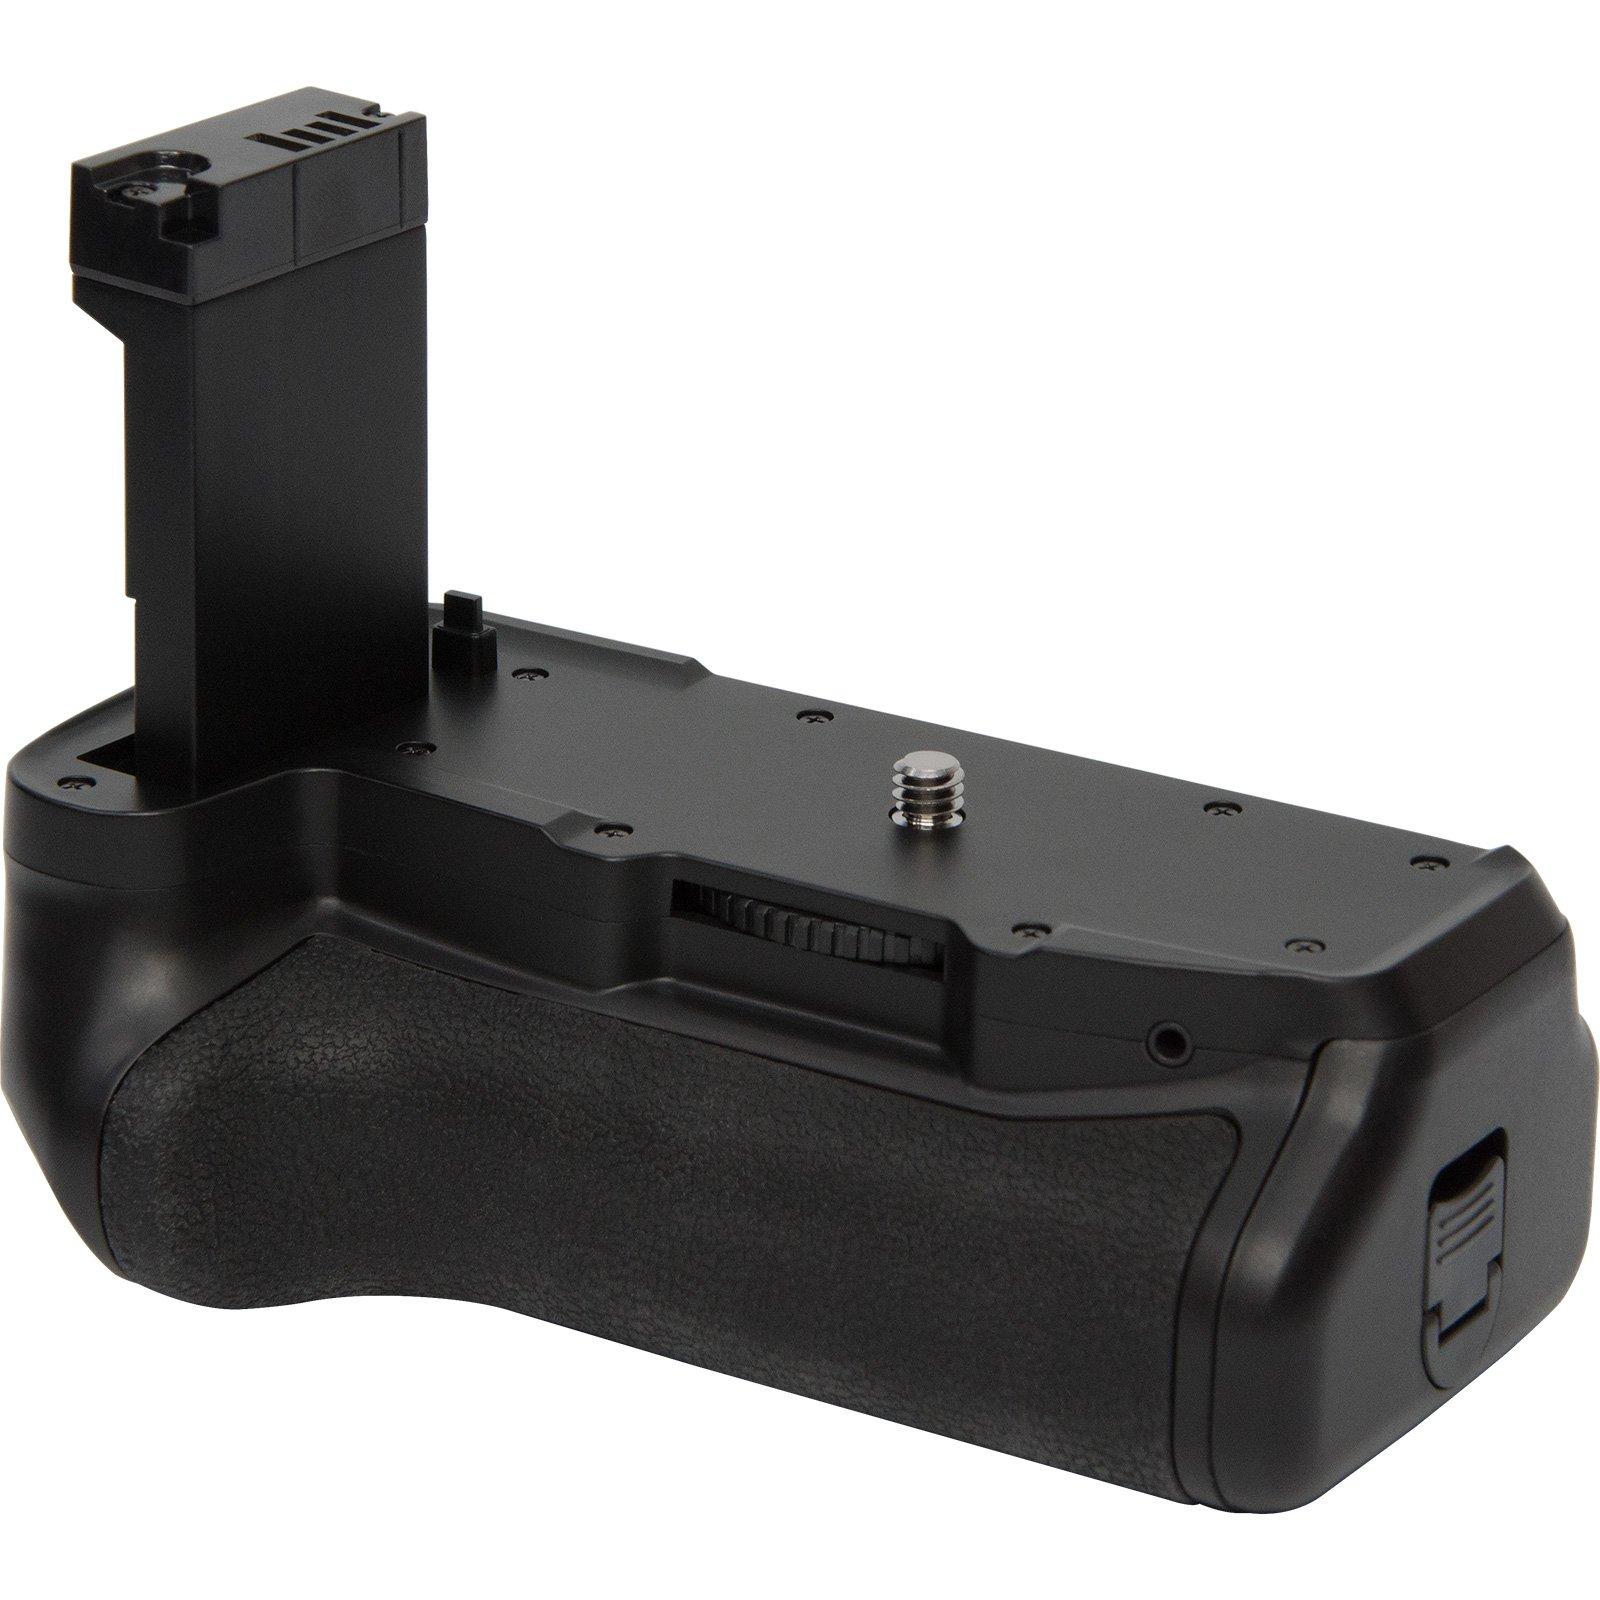 Vivitar Deluxe Power Battery Grip for Canon Rebel T7i & EOS 77D DSLR Camera